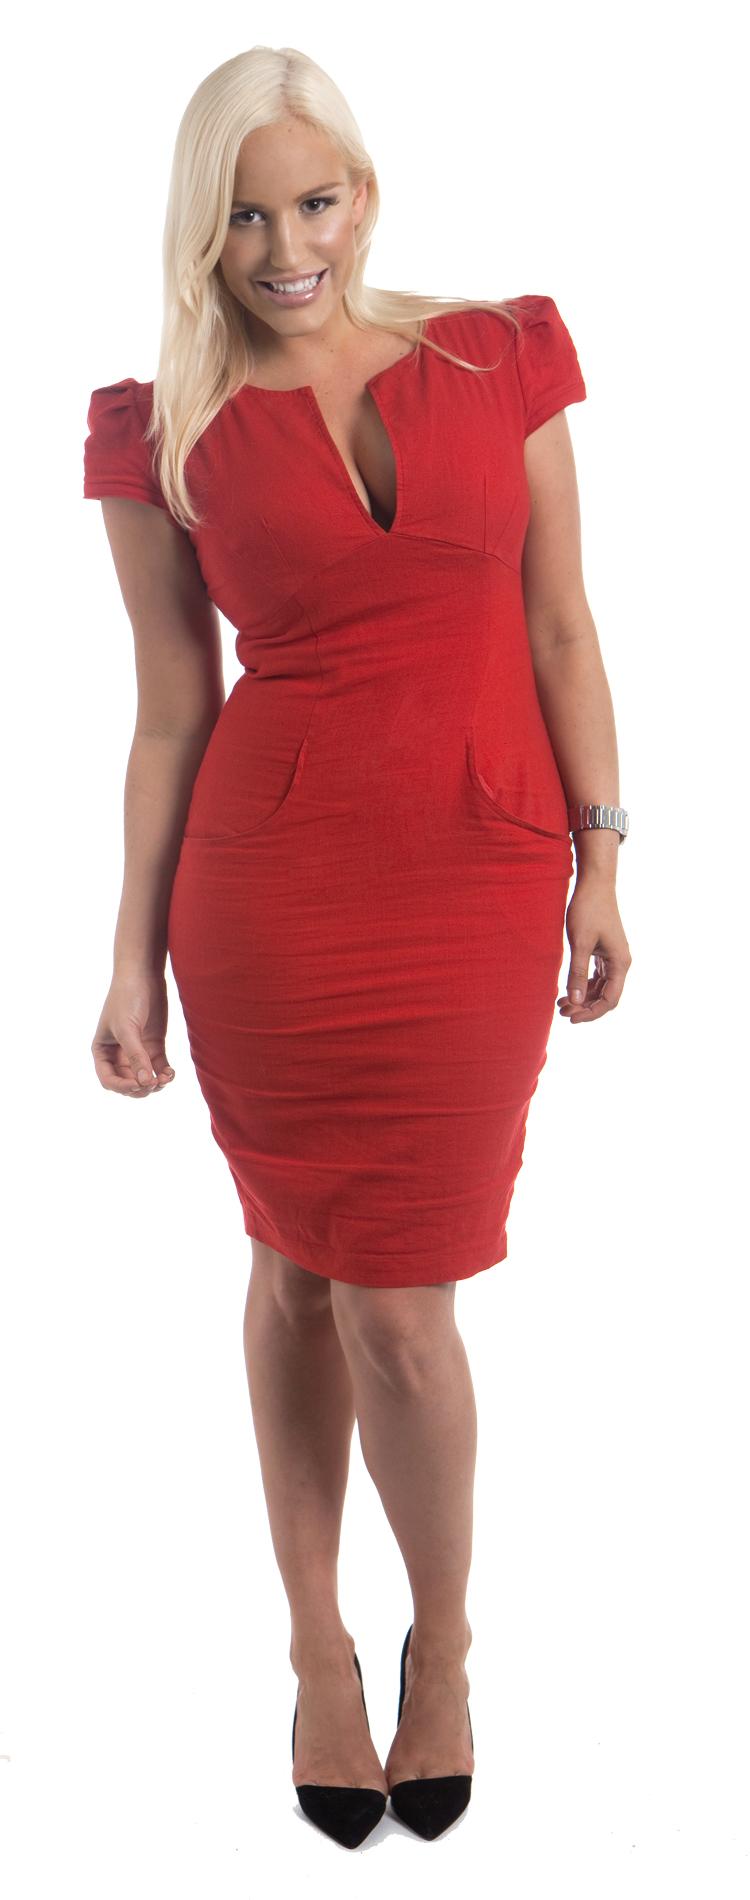 141207319b Jag älskar verkligen min röda klänning från Asos! Tror faktiskt att den  finns kvar fortfarande. Ikväll har jag styrt en takterassfest med Philip!